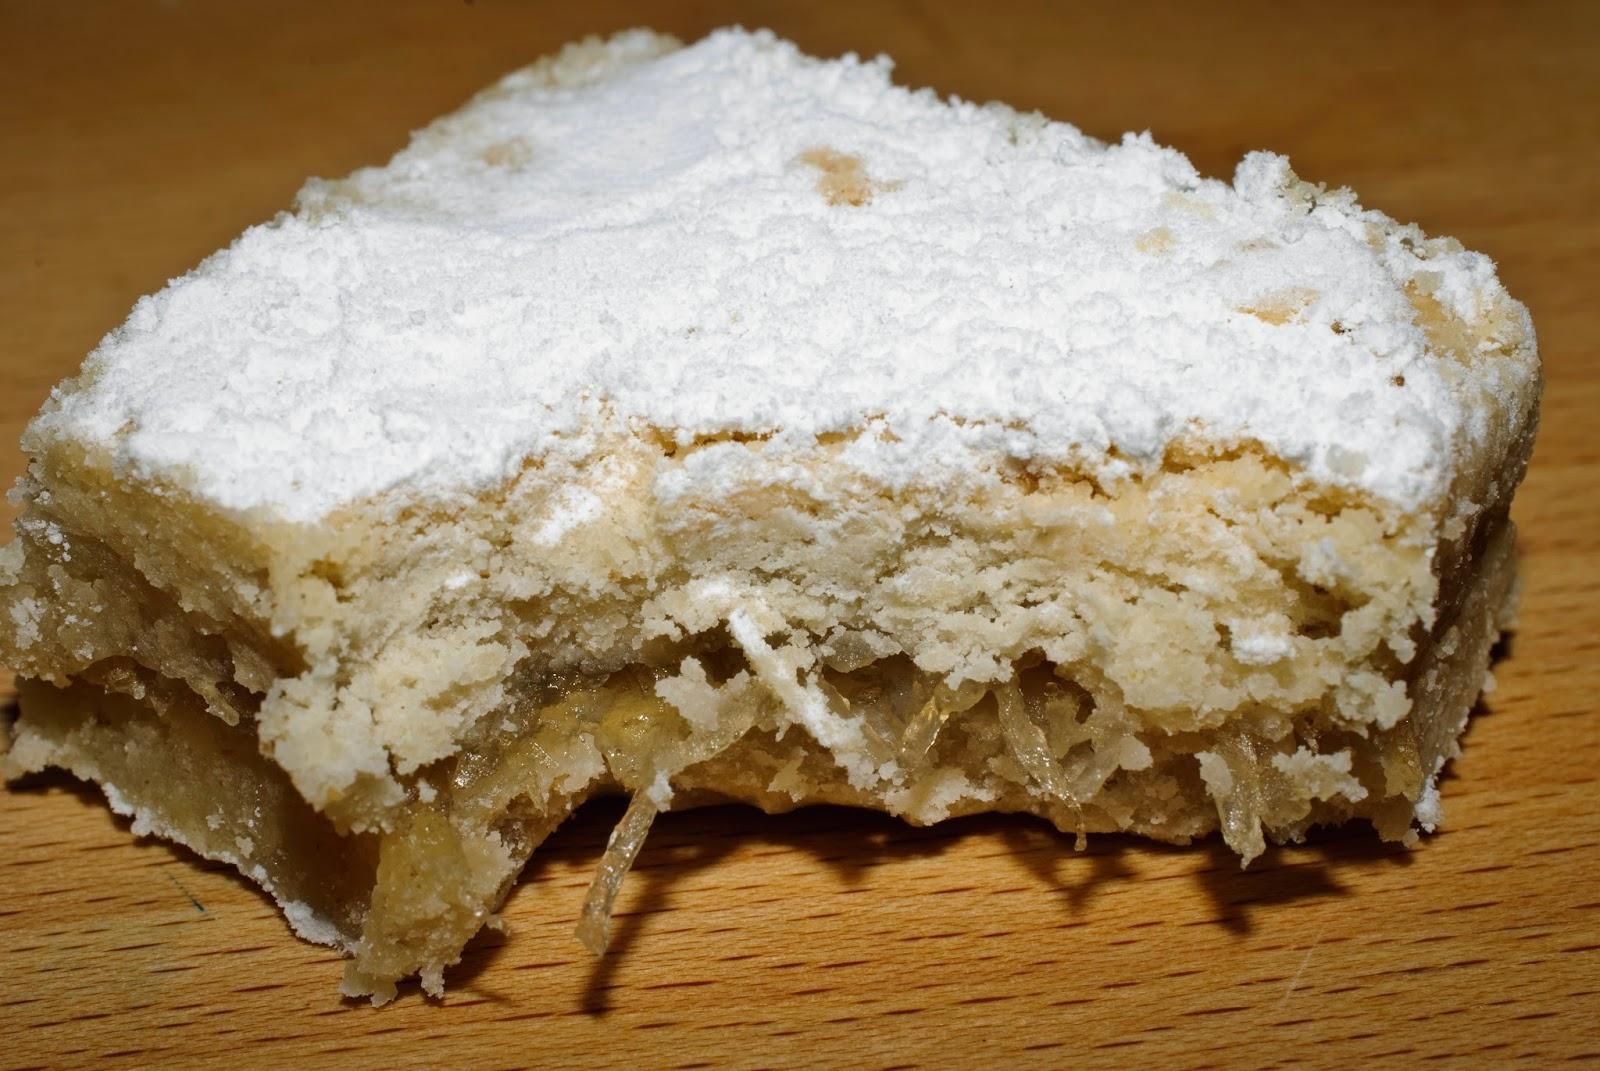 Cortadillos de cidra; spaghetti squash sweets